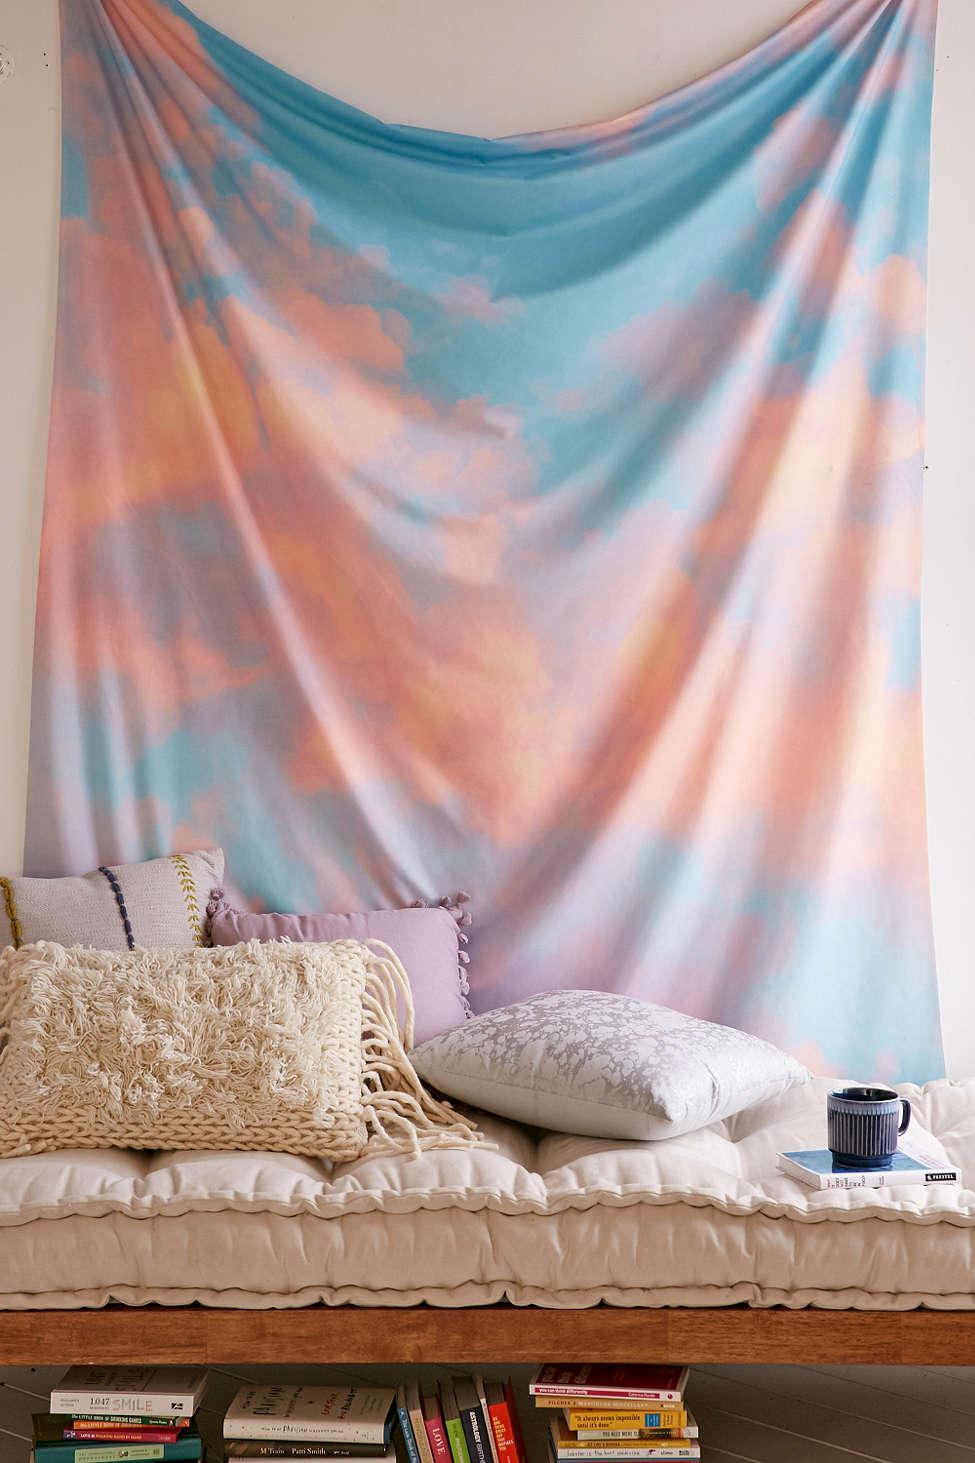 牆上換上新色、變化居家佈置風格、換上新窗簾&床單等小事,都能帶給我們嶄新的心情~心裡有種踏實的感覺呢☆